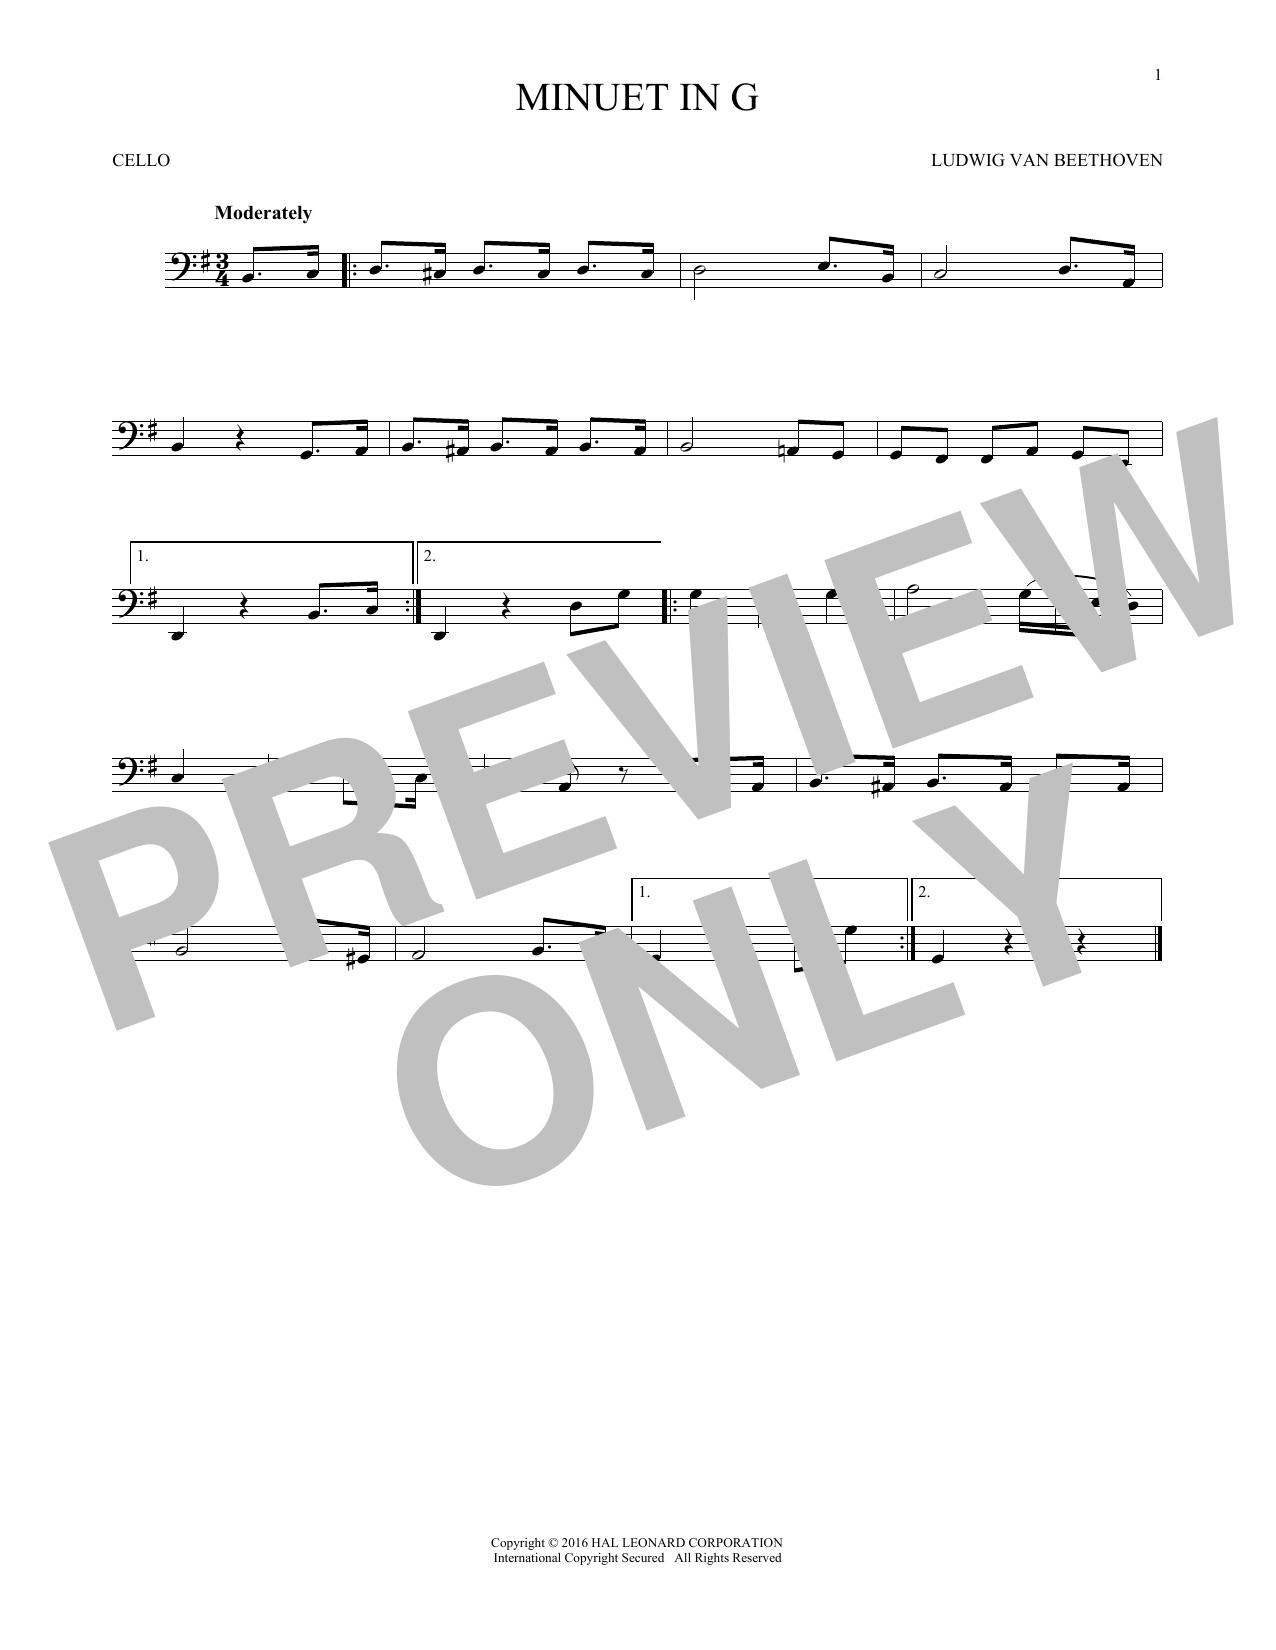 Minuet In G (Cello Solo)